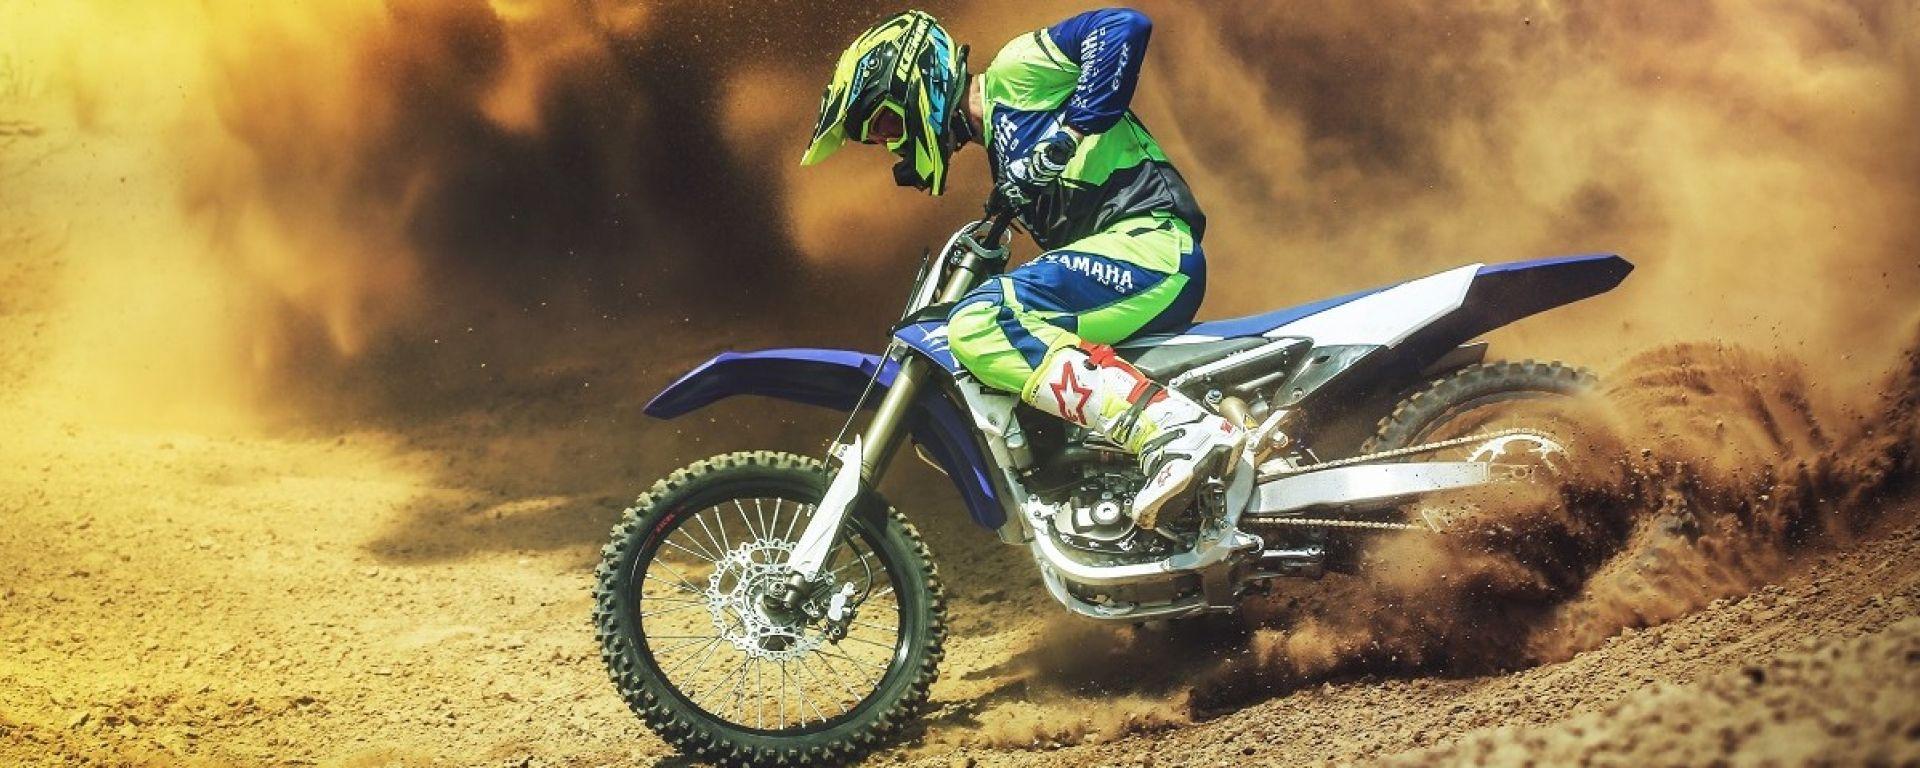 Yamaha Challenge Enduro